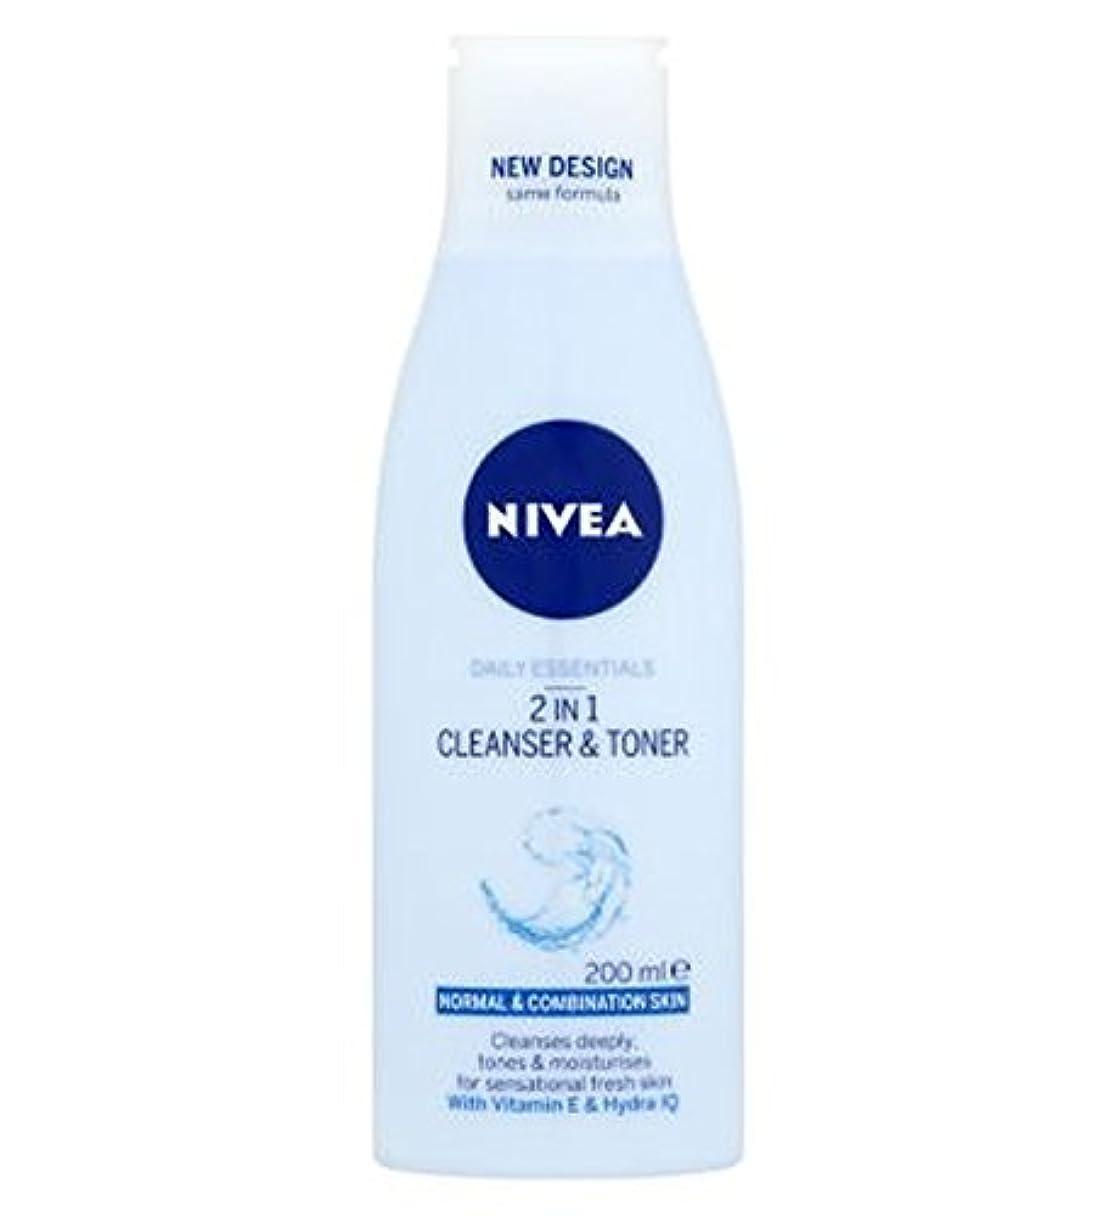 達成するファンド仮説Nivea Daily Essentials 2 in 1 Cleanser and Toner 200ml - ニベア生活必需品2 1クレンザーとトナー200ミリリットルで (Nivea) [並行輸入品]